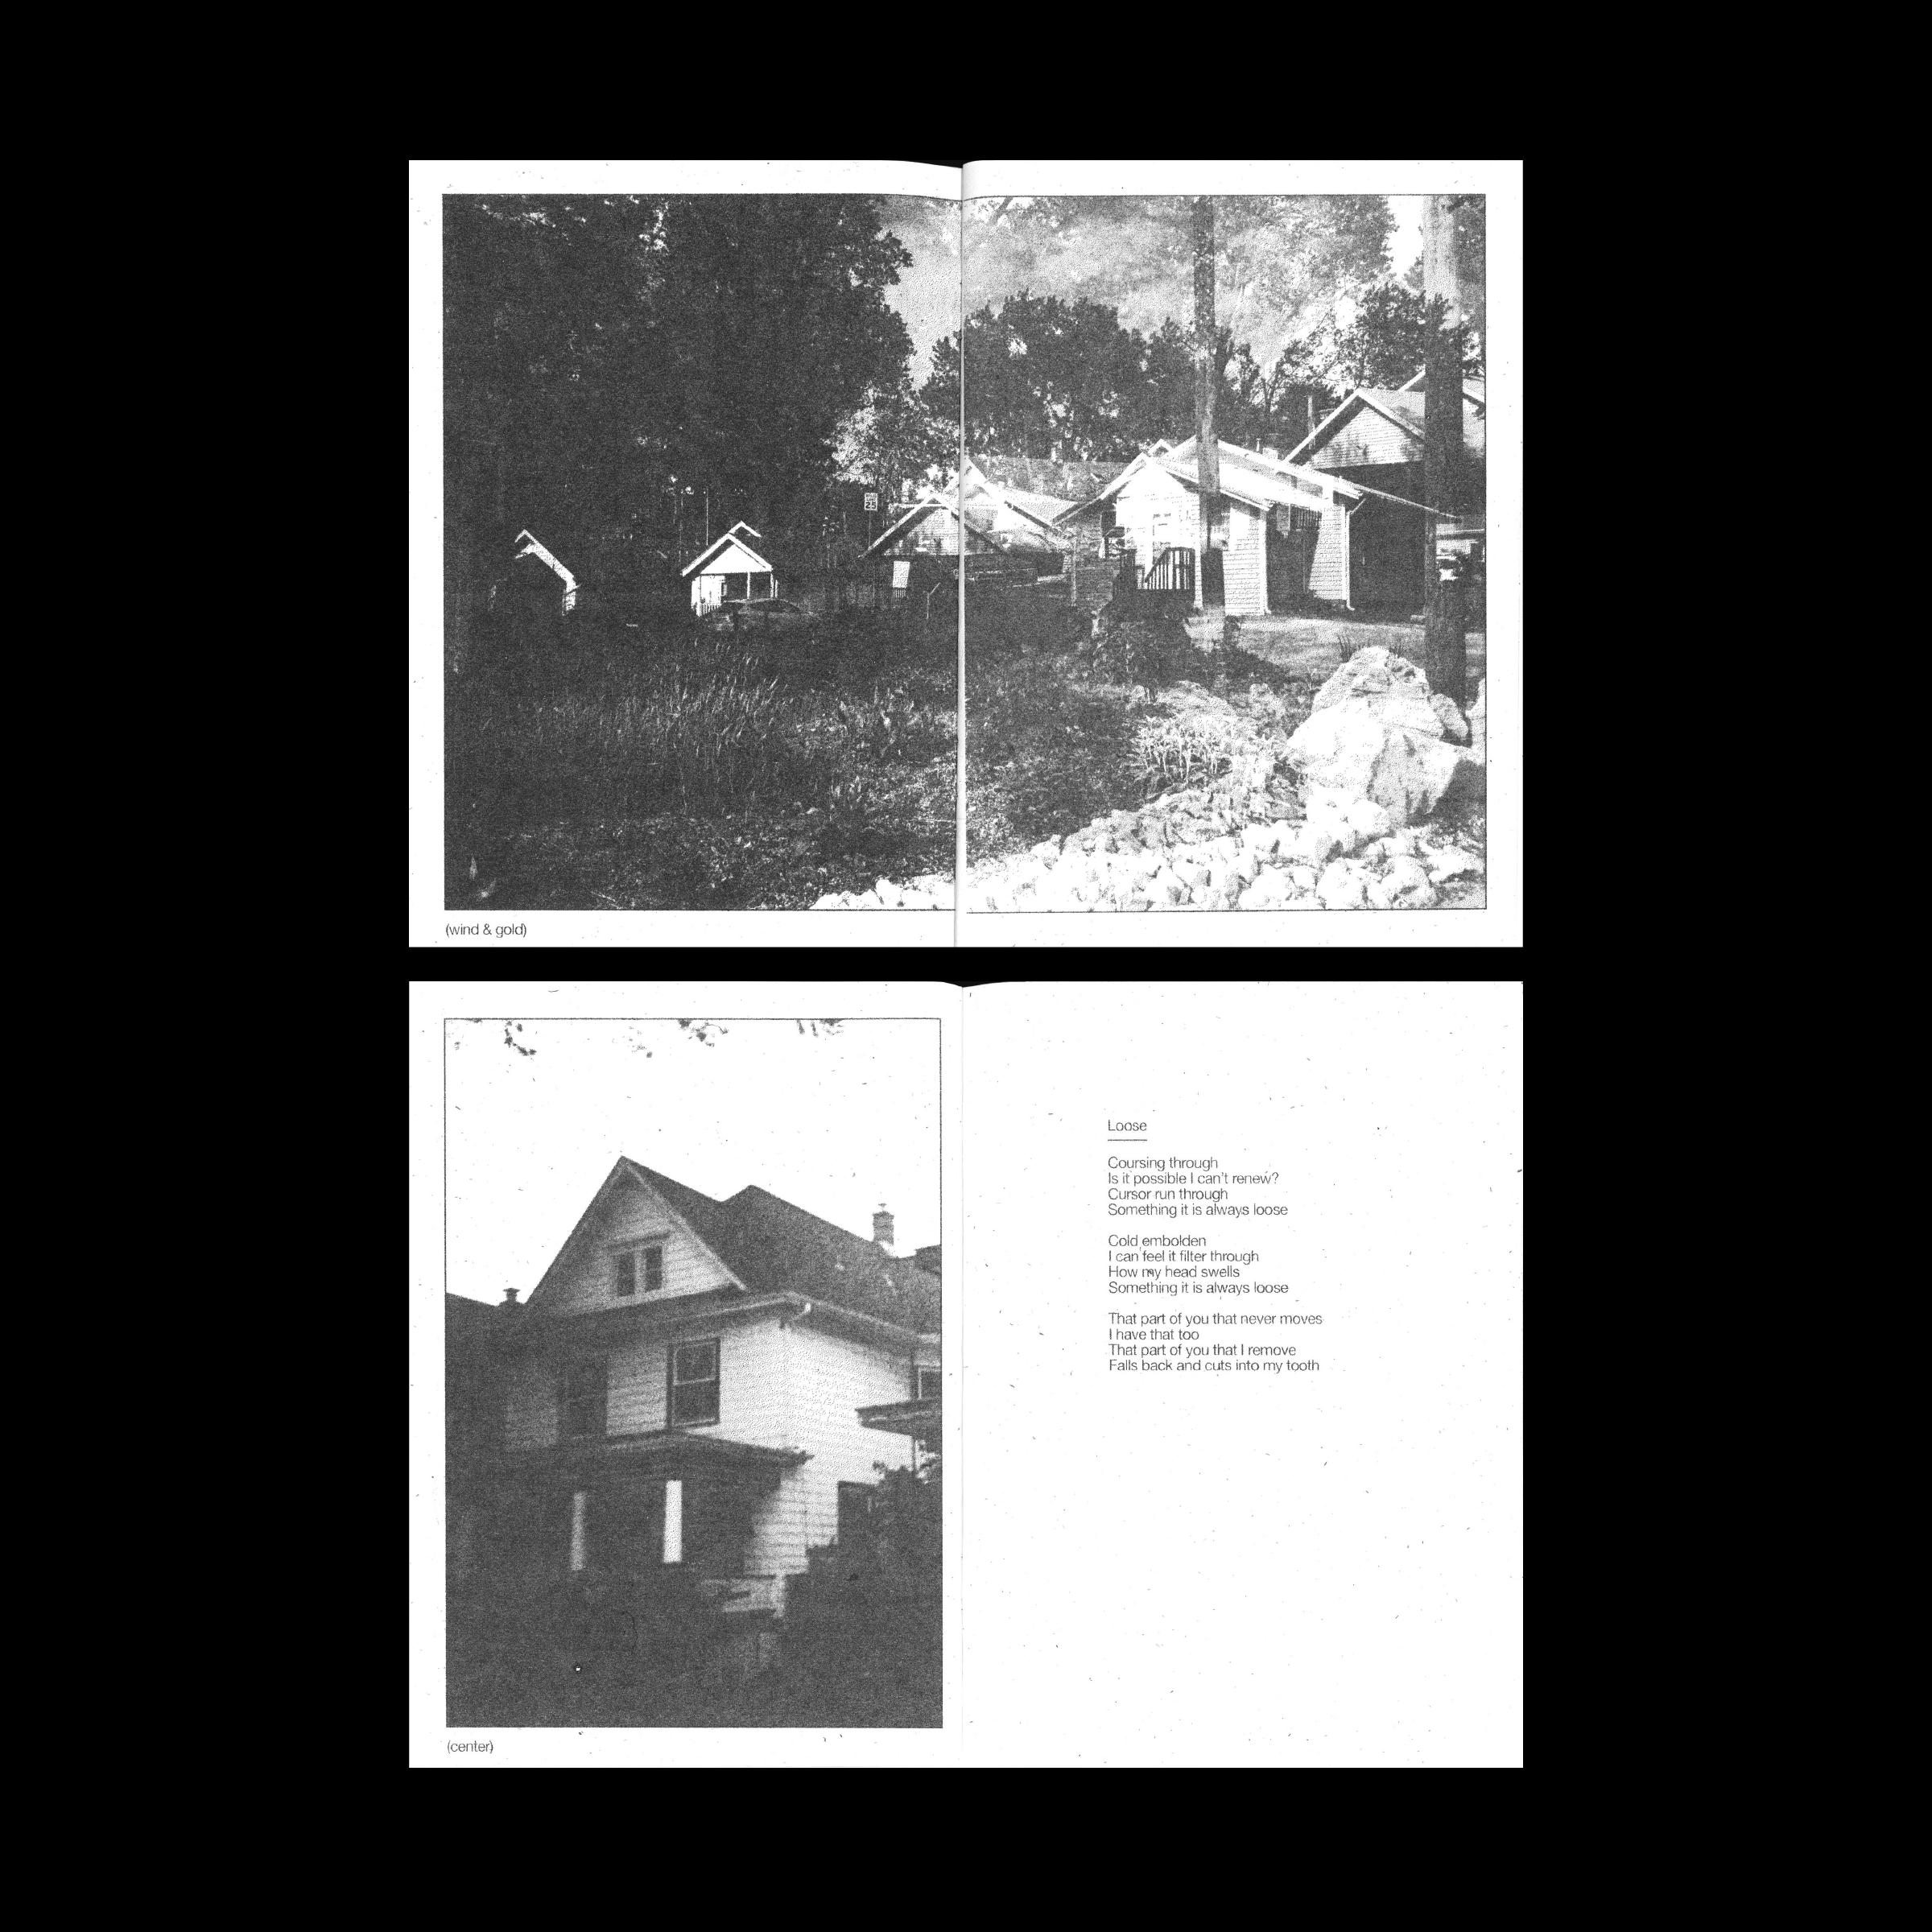 Discus_lyricsbook_square-01.png